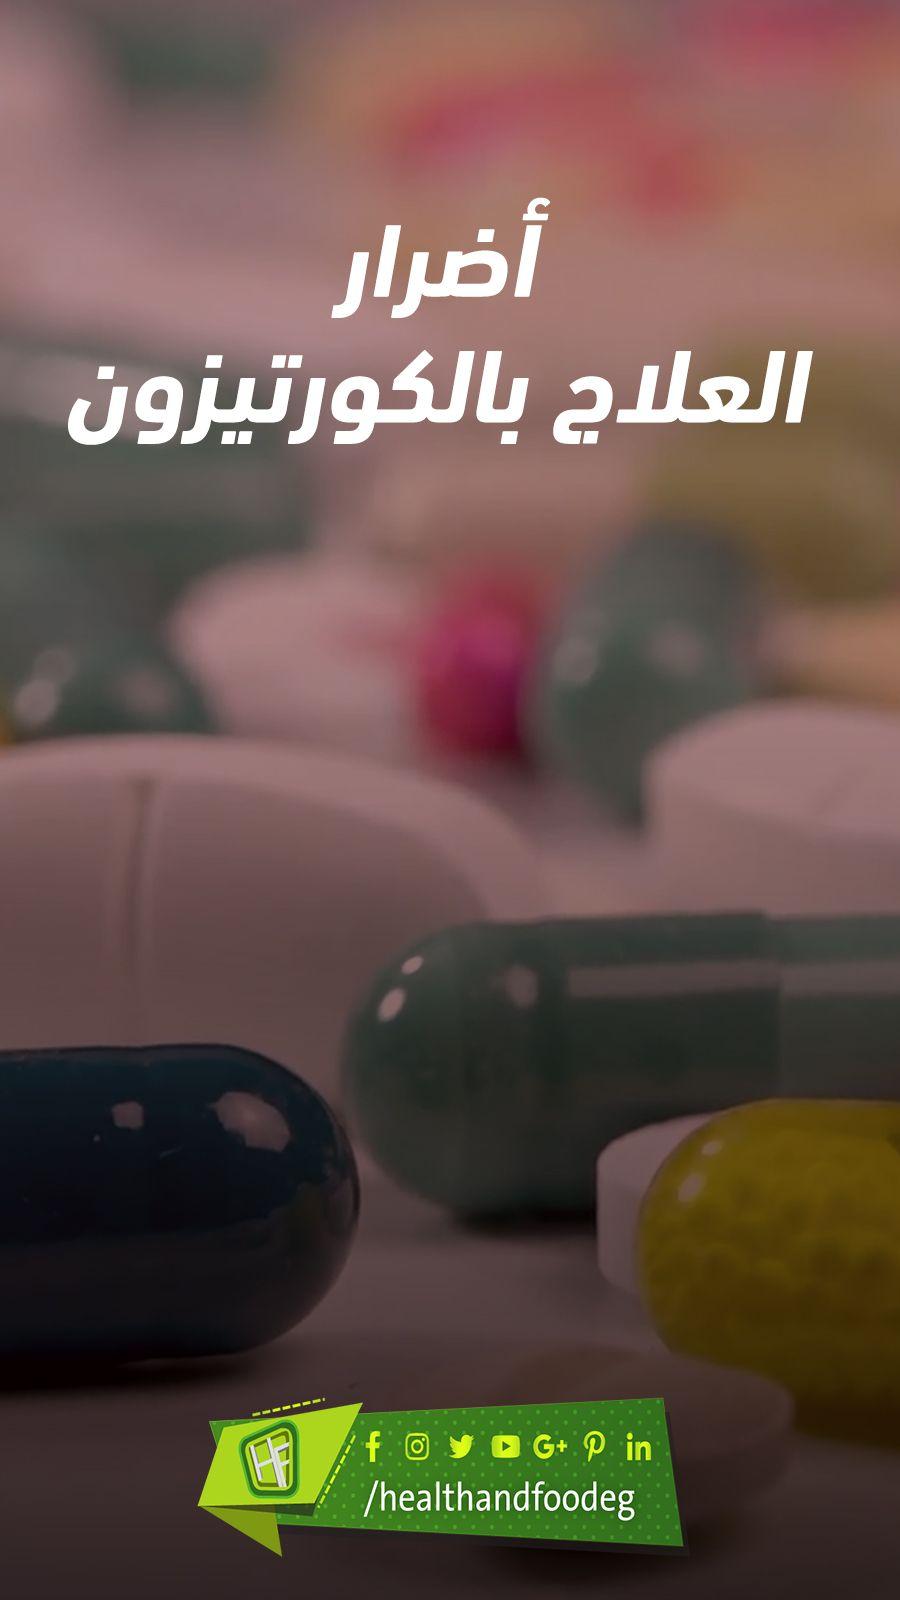 اضرار العلاج بالكورتيزون Convenience Store Products Convenience Store Pill